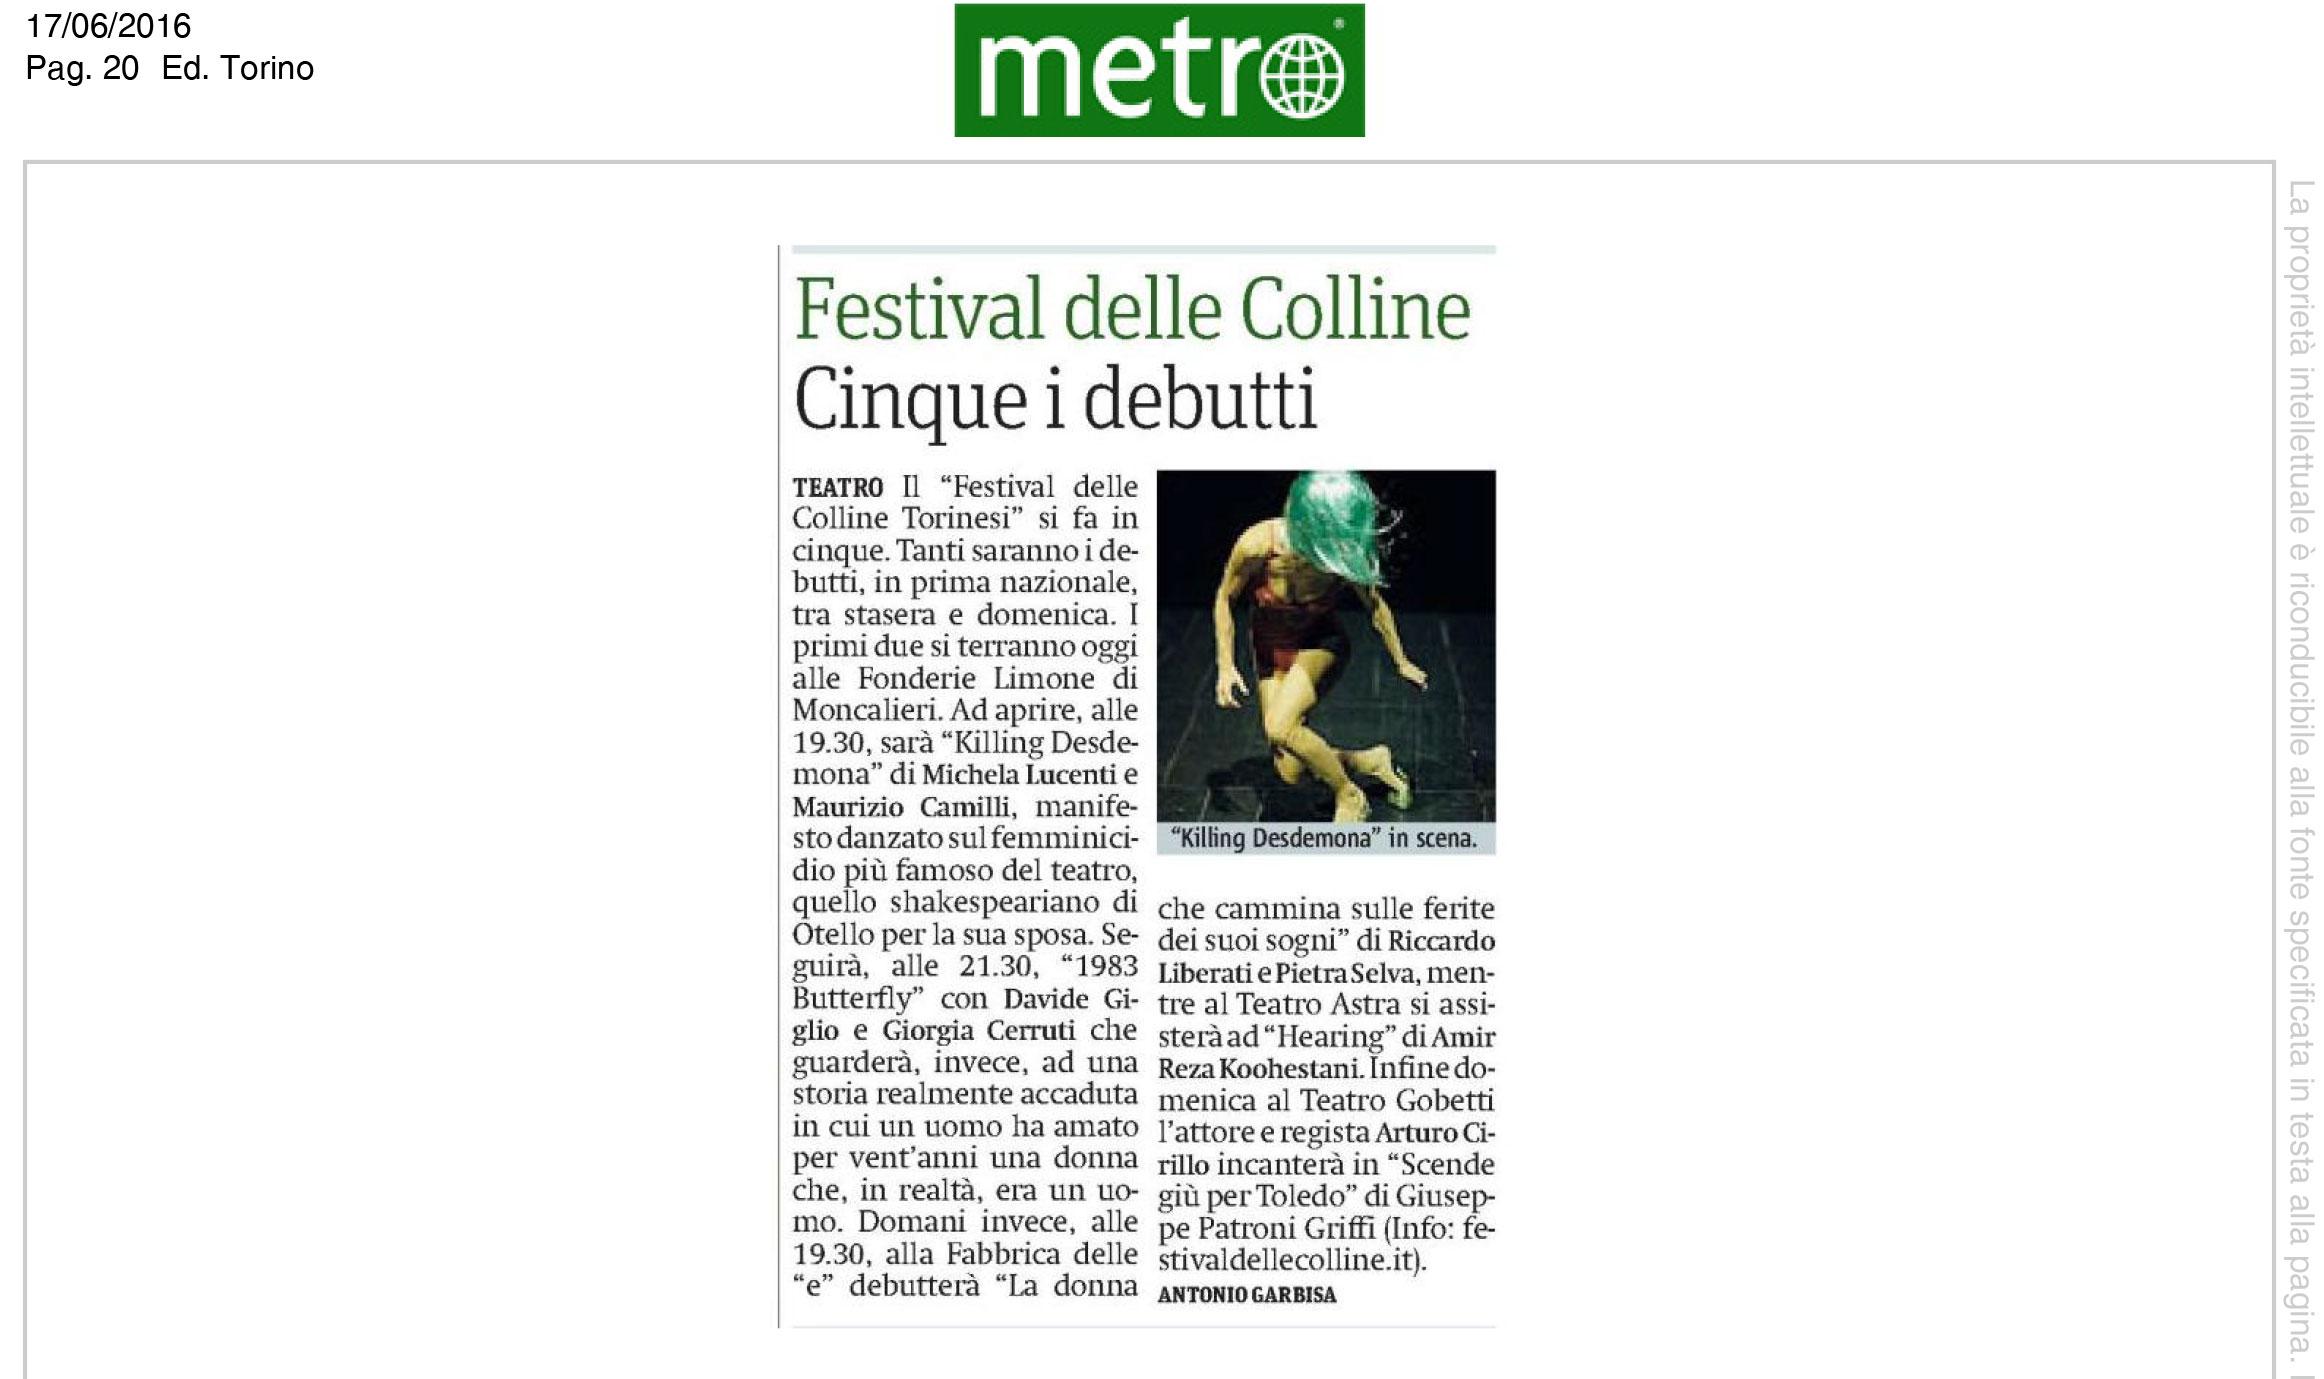 20160617_Festival-delle-colline-cinque-i-debutti_metro